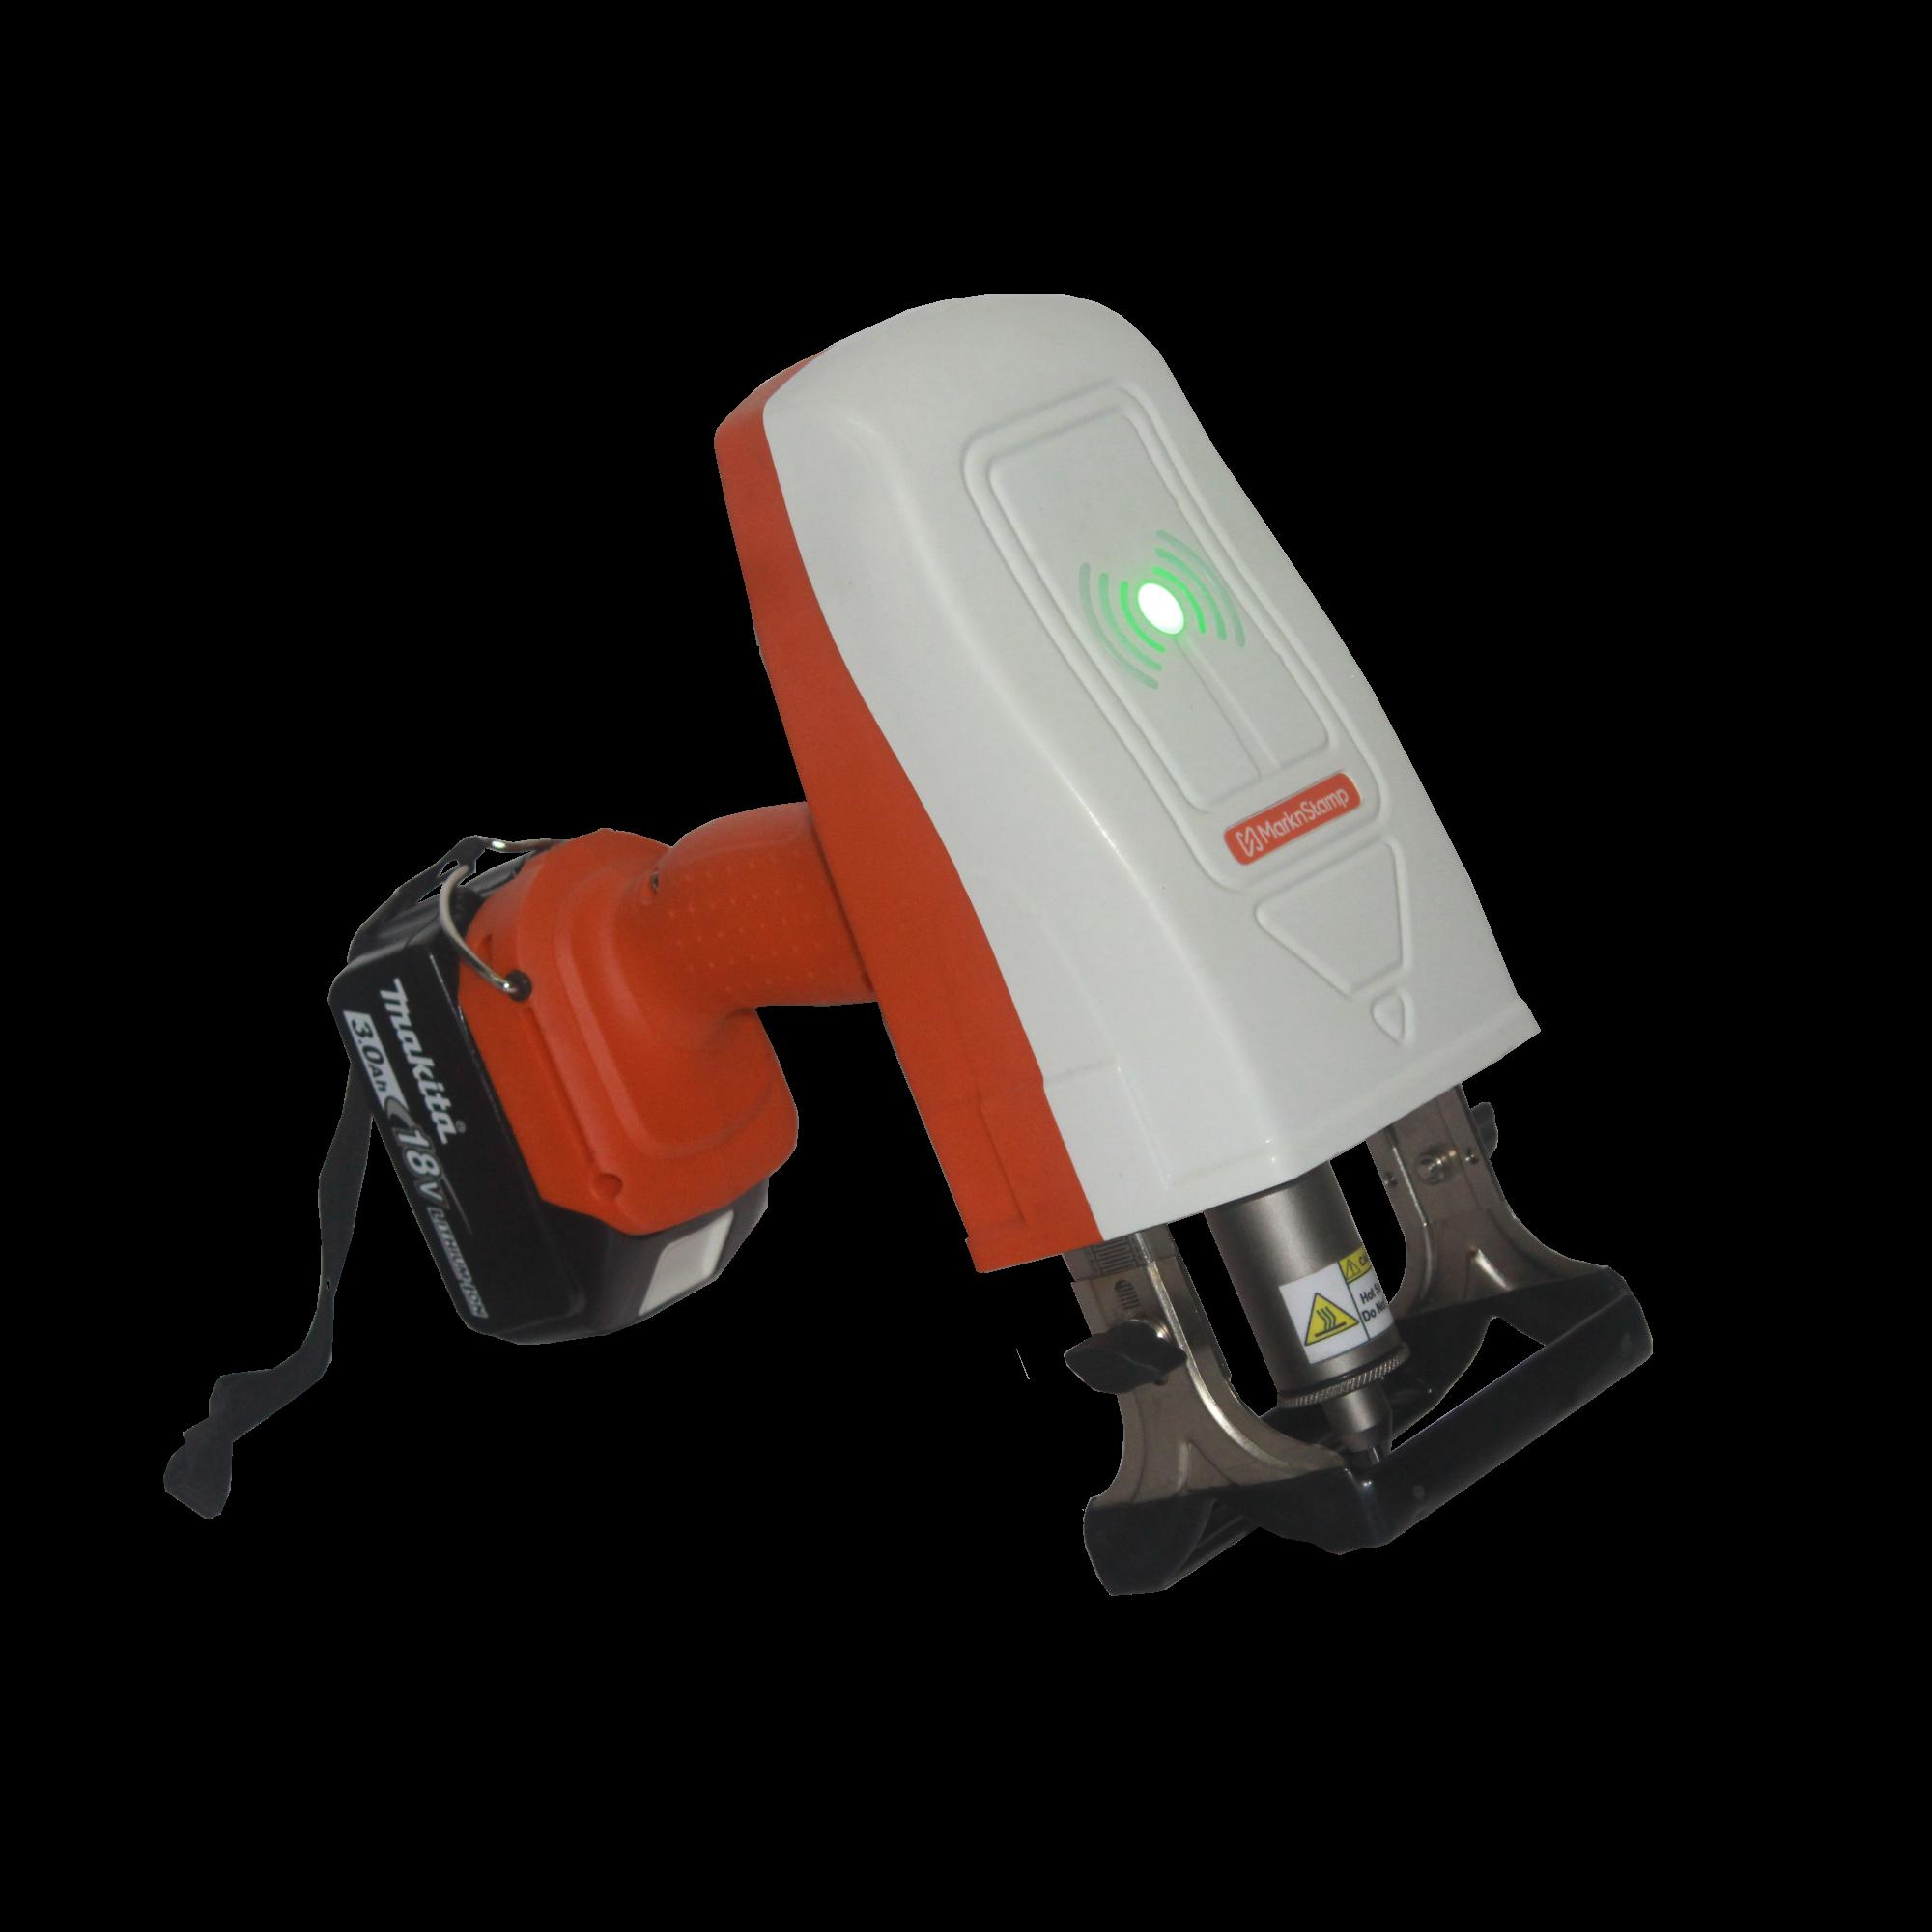 MNSB-53 Мобильный аккумуляторный ударно-точечный маркиратор Marknstamp с рабочим окном 50х30 мм